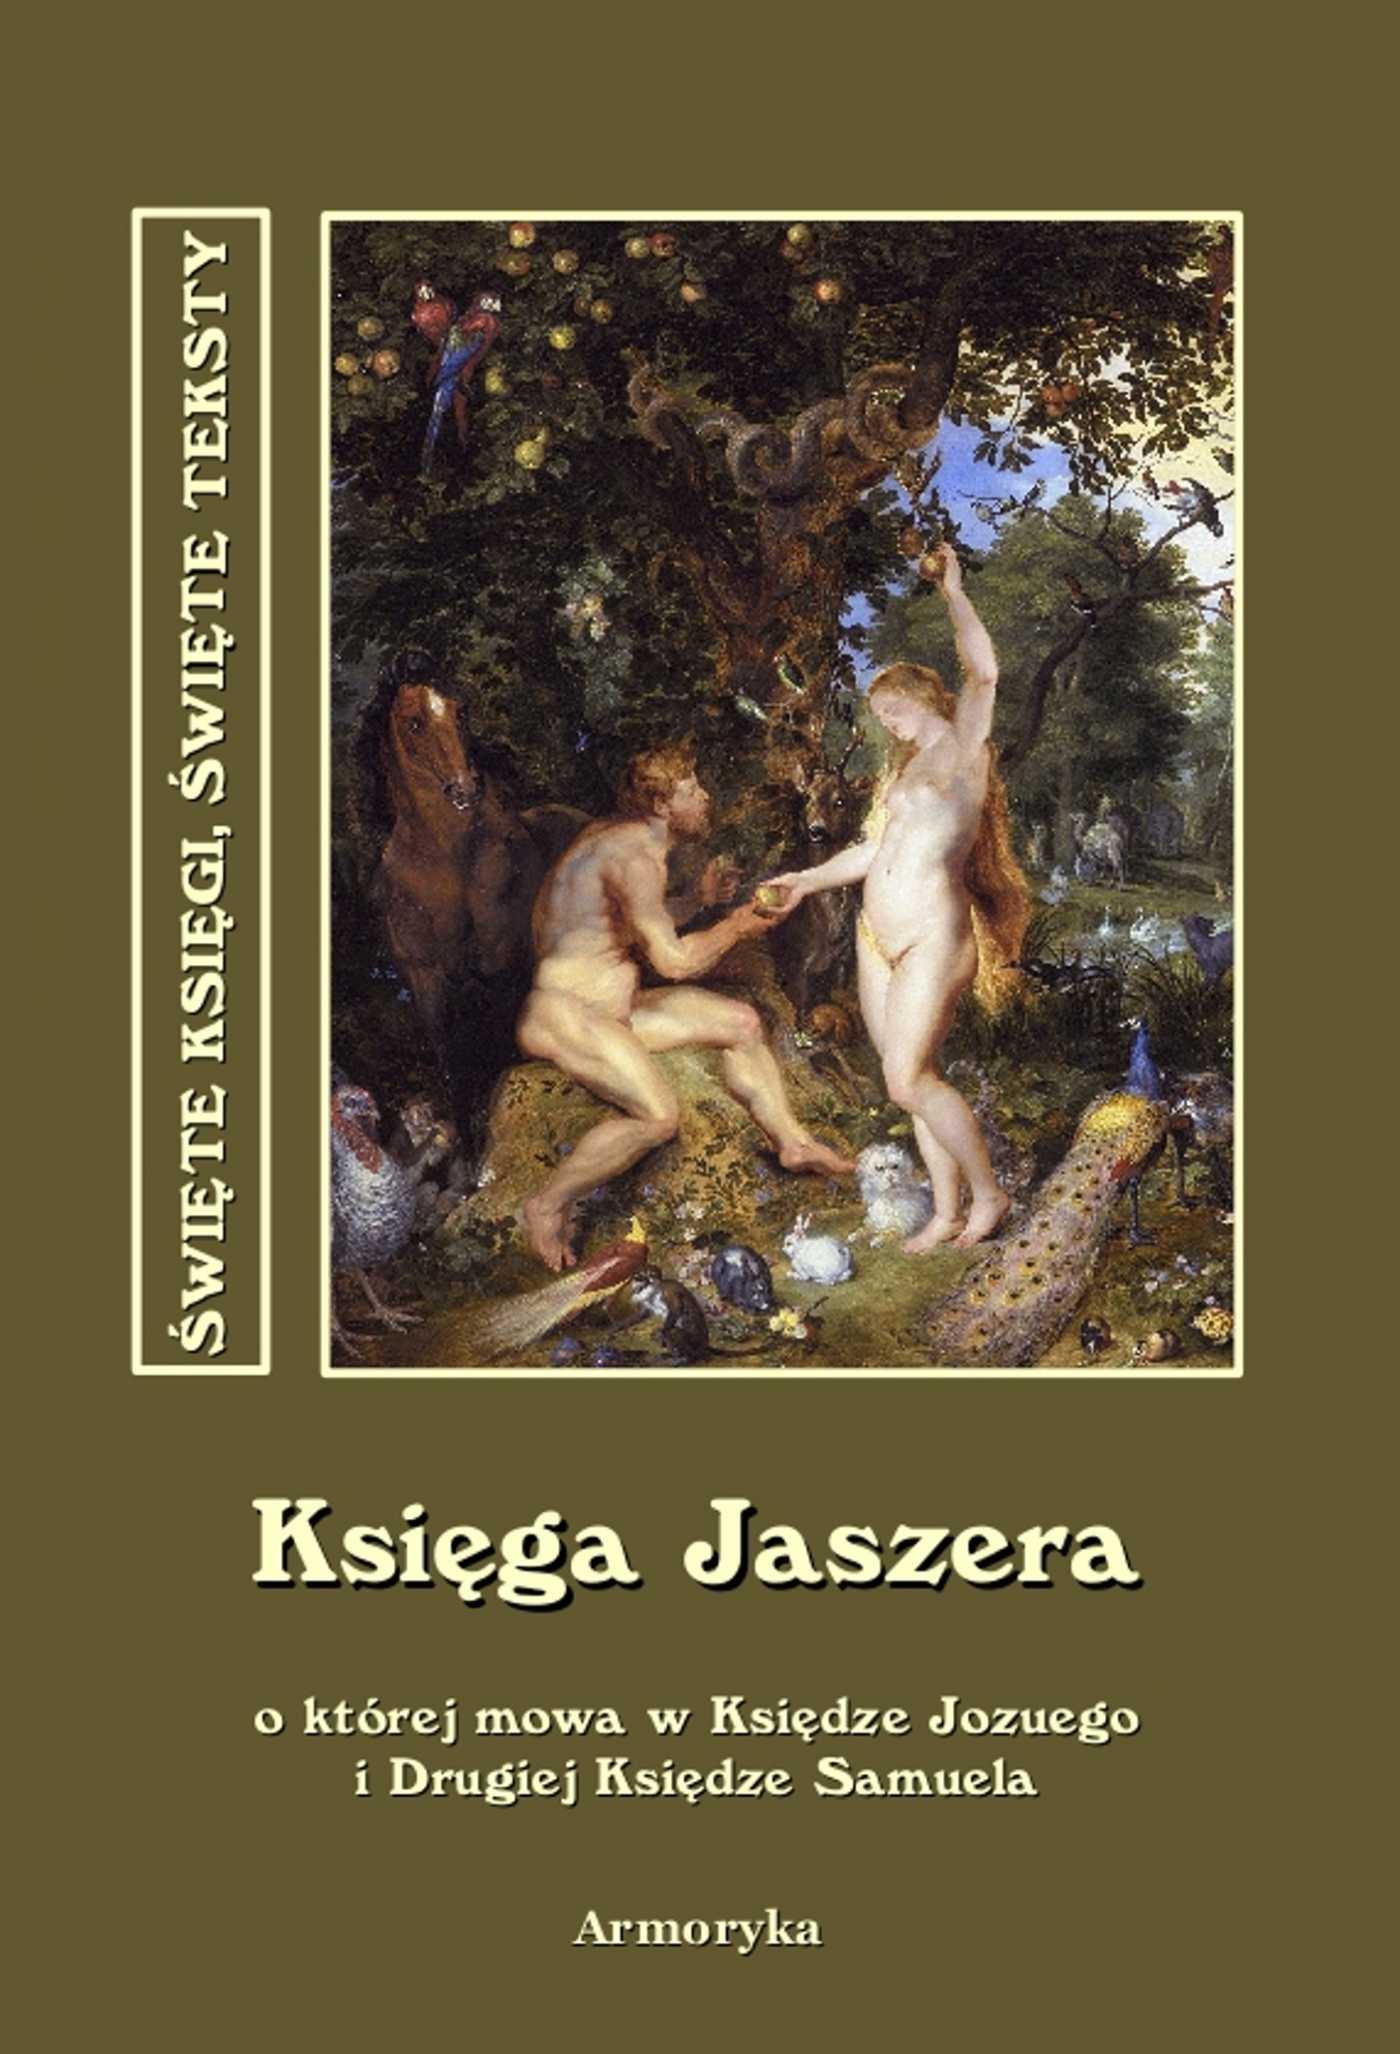 Księga Jaszera , o której mowa w Księdze Jozuego  i Drugiej Księdze Samuela - Ebook (Książka EPUB) do pobrania w formacie EPUB